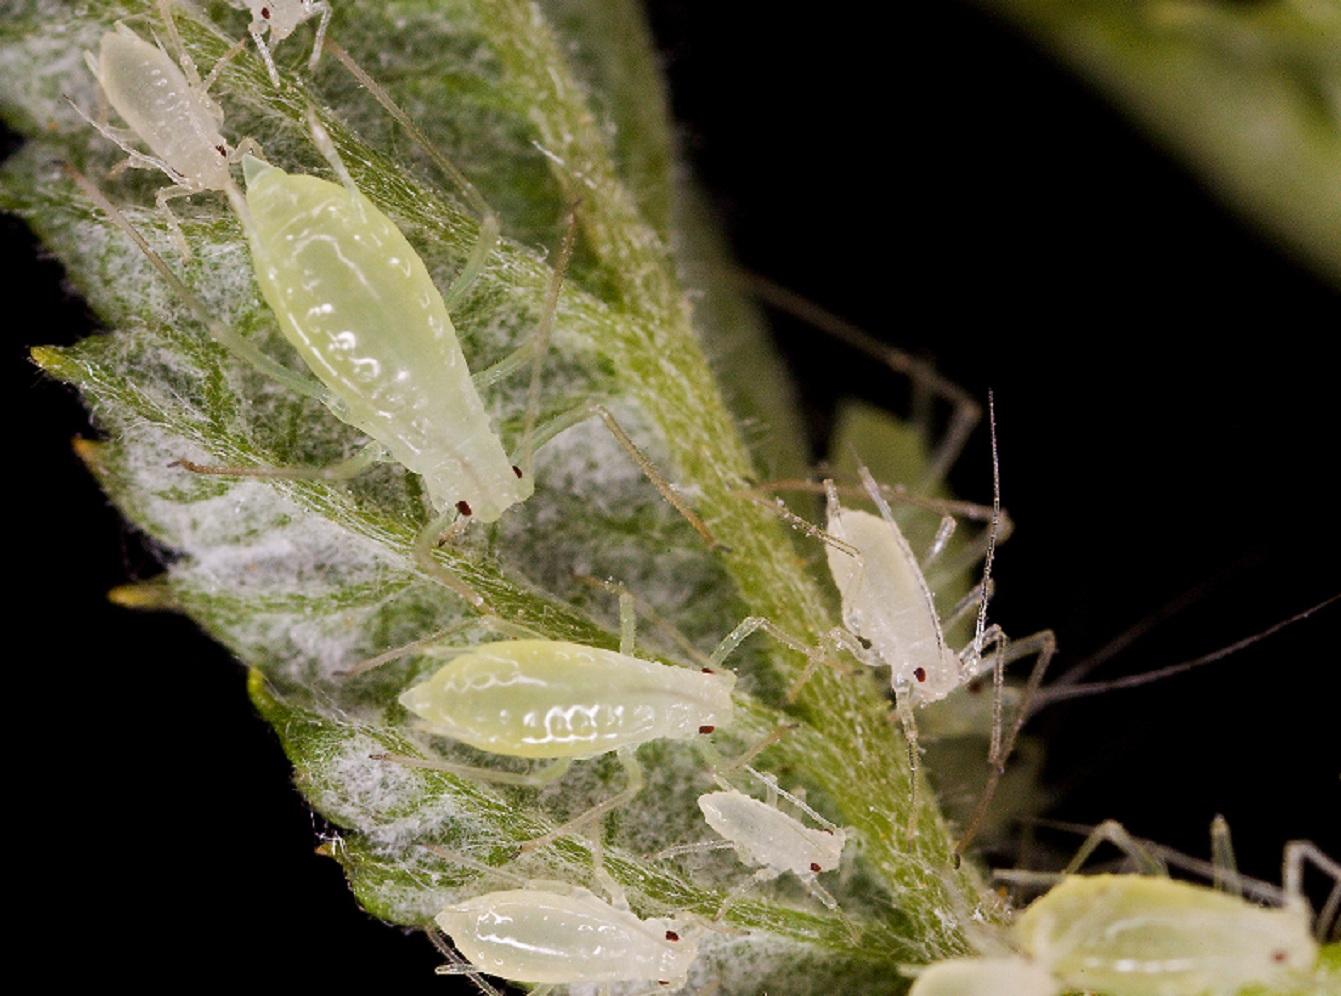 Plaga de áfidos en planta de frambuesa, en Estados Unidos. Fuente: Departamento de Agricultura de EE.UU.